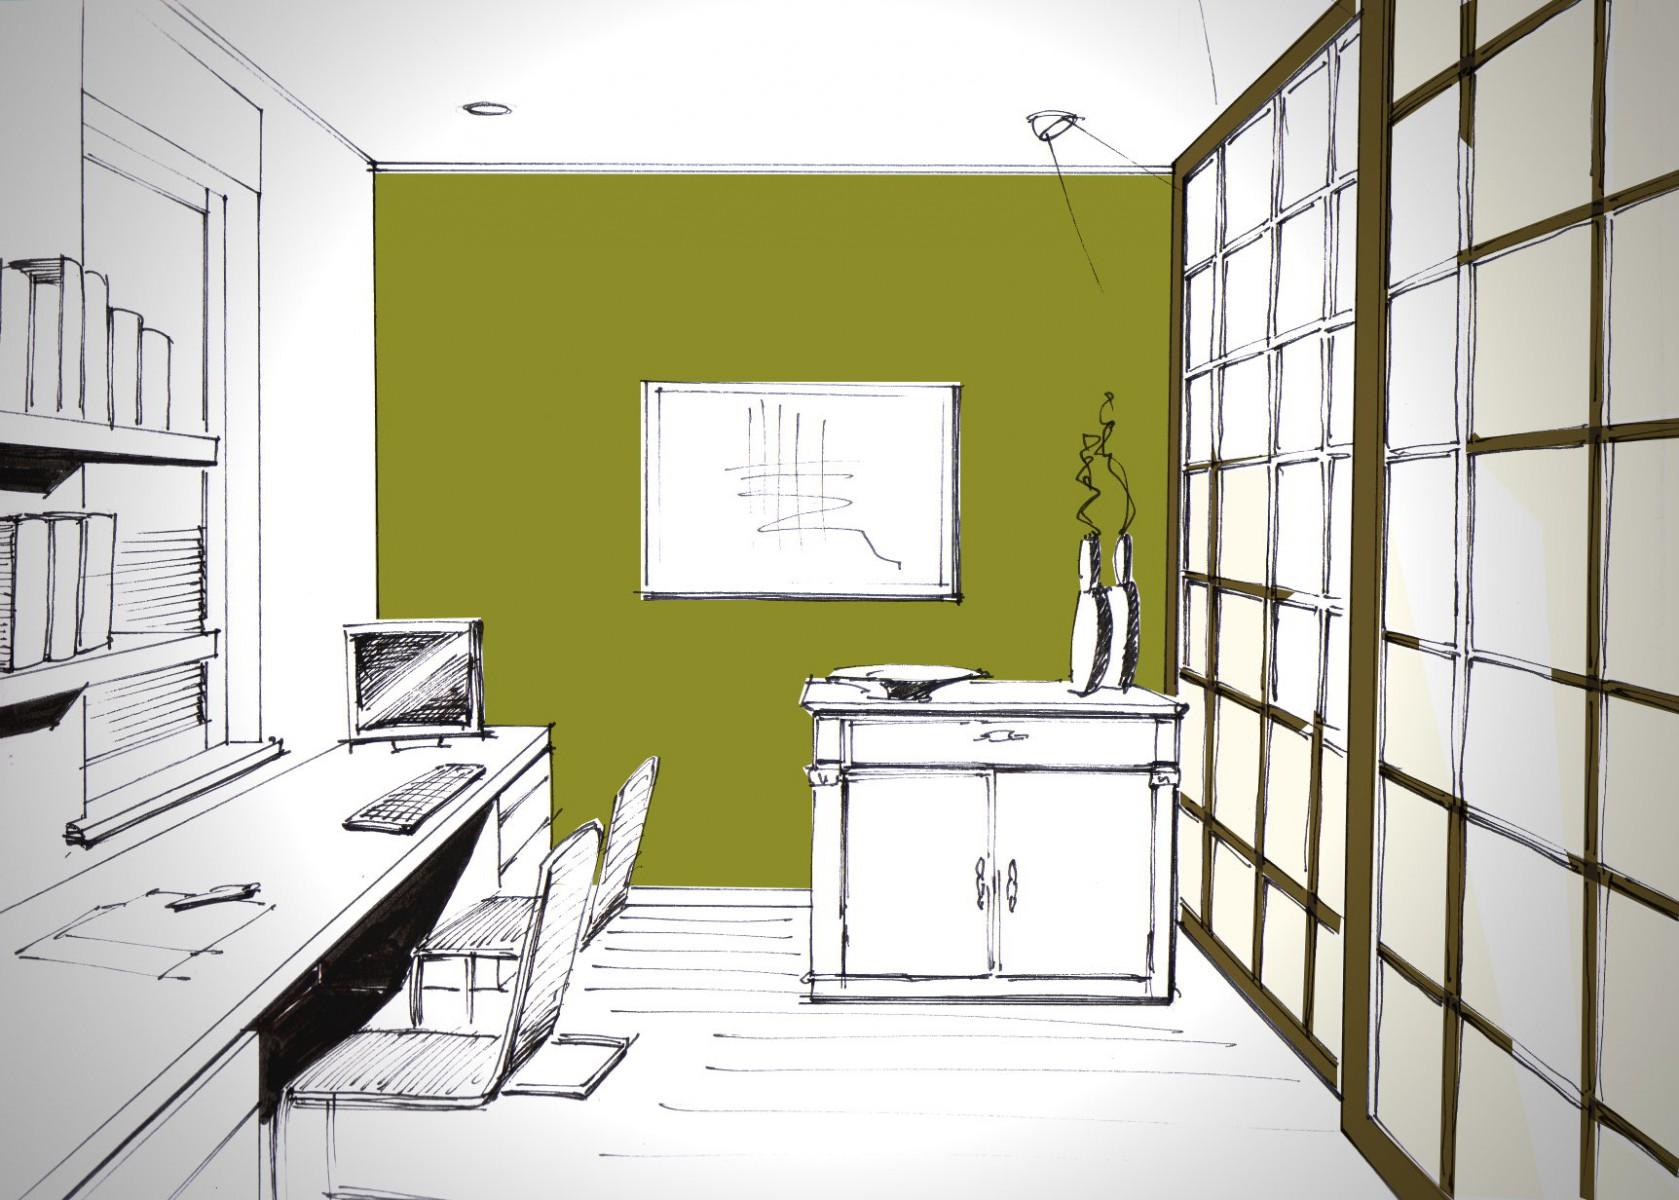 Innenarchitektur skizze wohnzimmer  Wohnraumberatung - Bisch . Otteni - Architekten